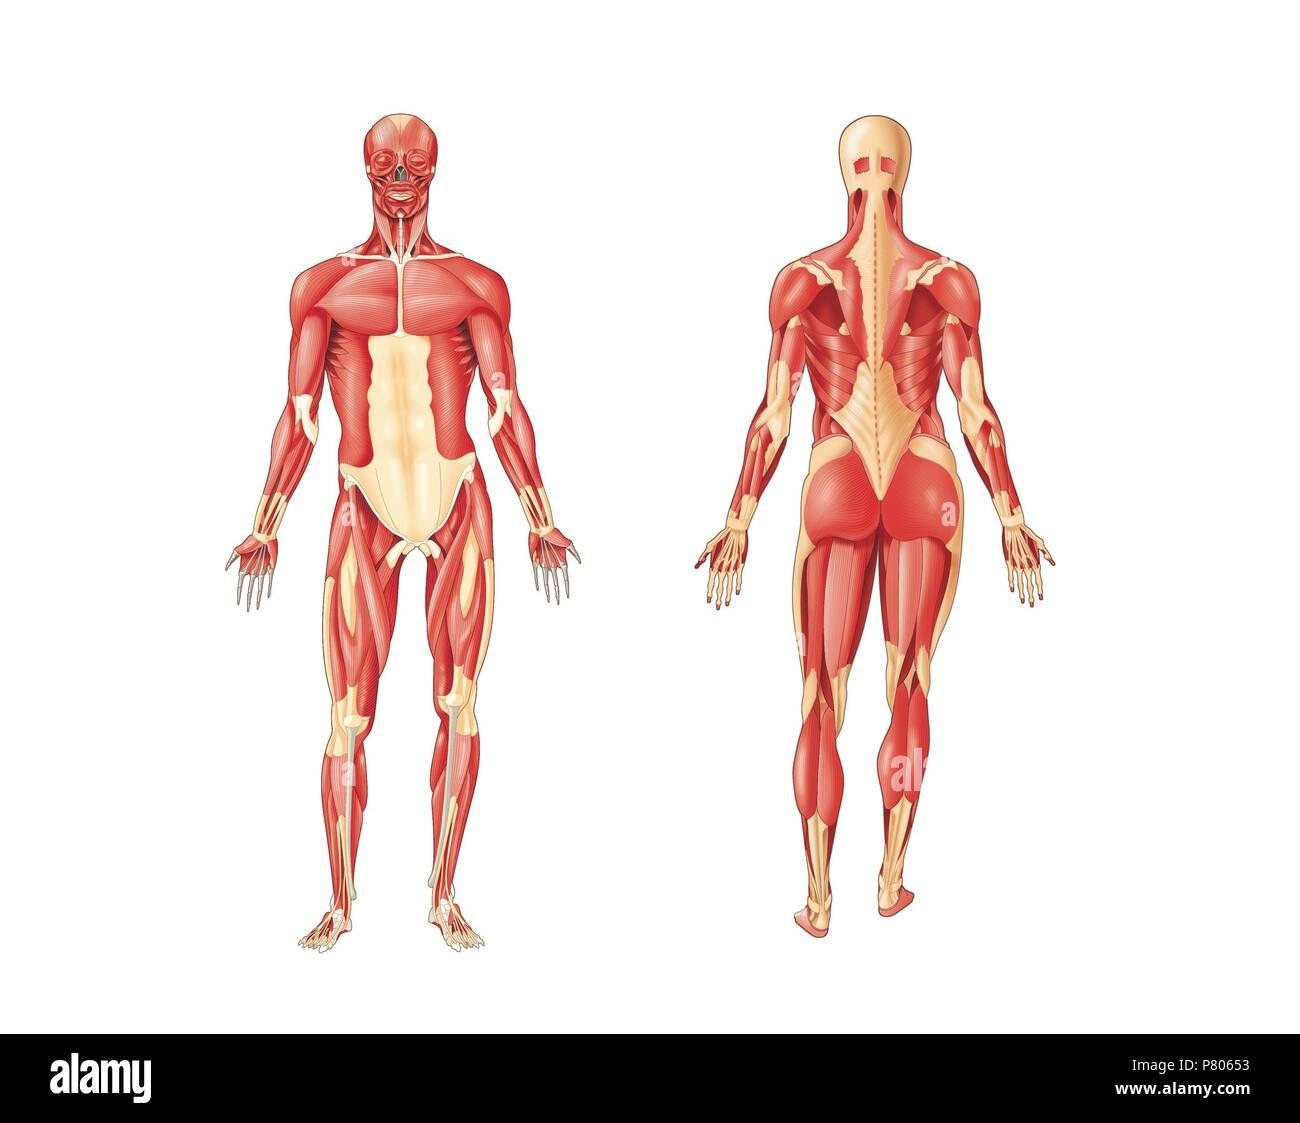 Fantastisch Anterioren Muskeln Fotos - Menschliche Anatomie Bilder ...